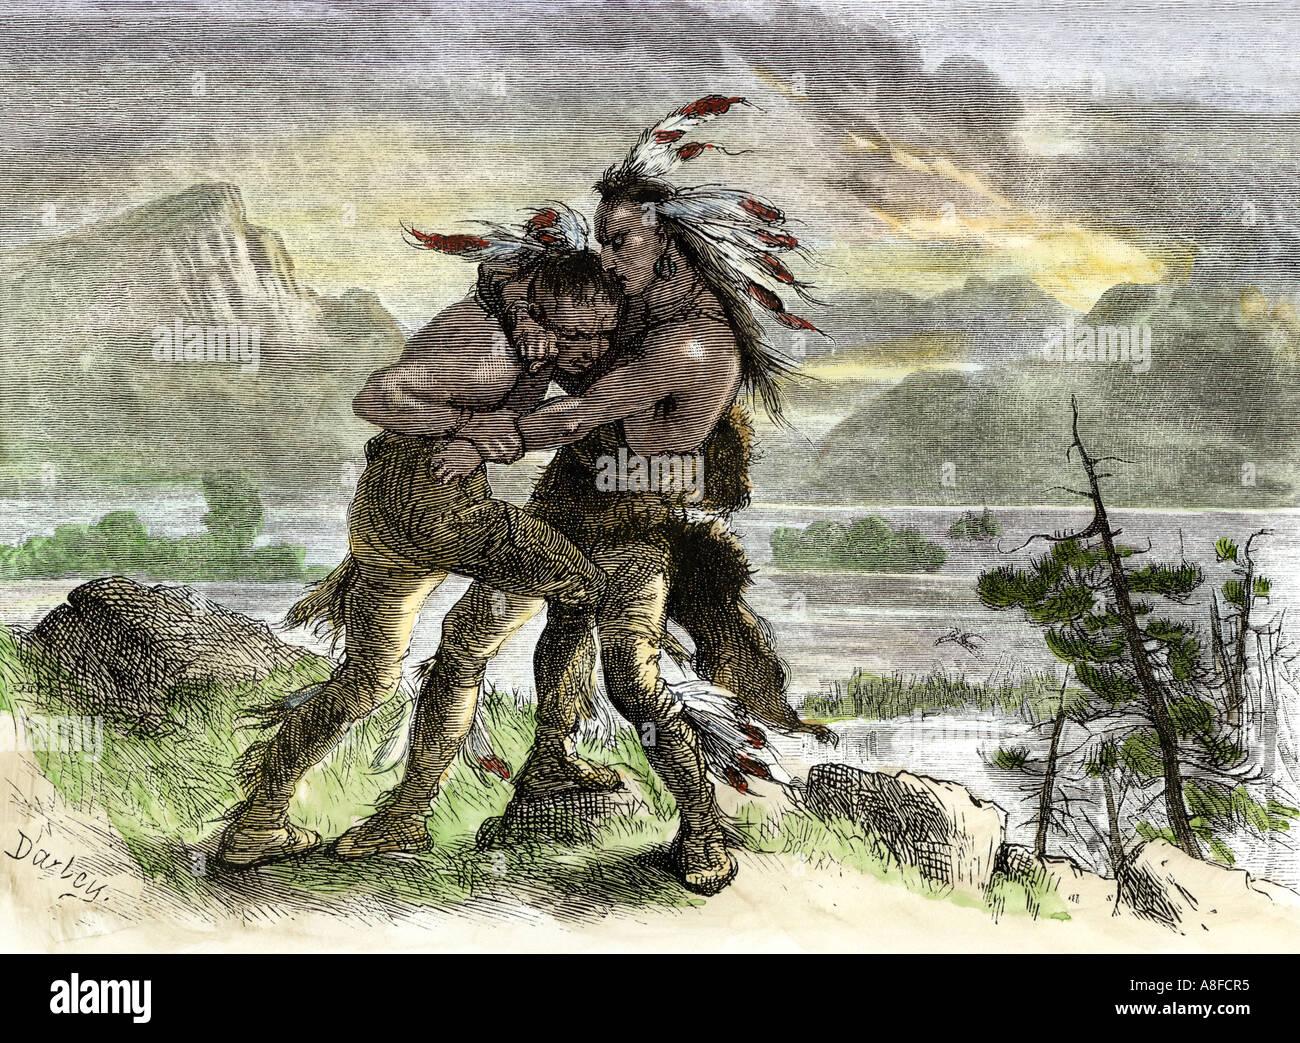 Hiawatha im Kampf mit einem anderen Native American warrior gesperrt. Hand - farbige Holzschnitt Stockbild